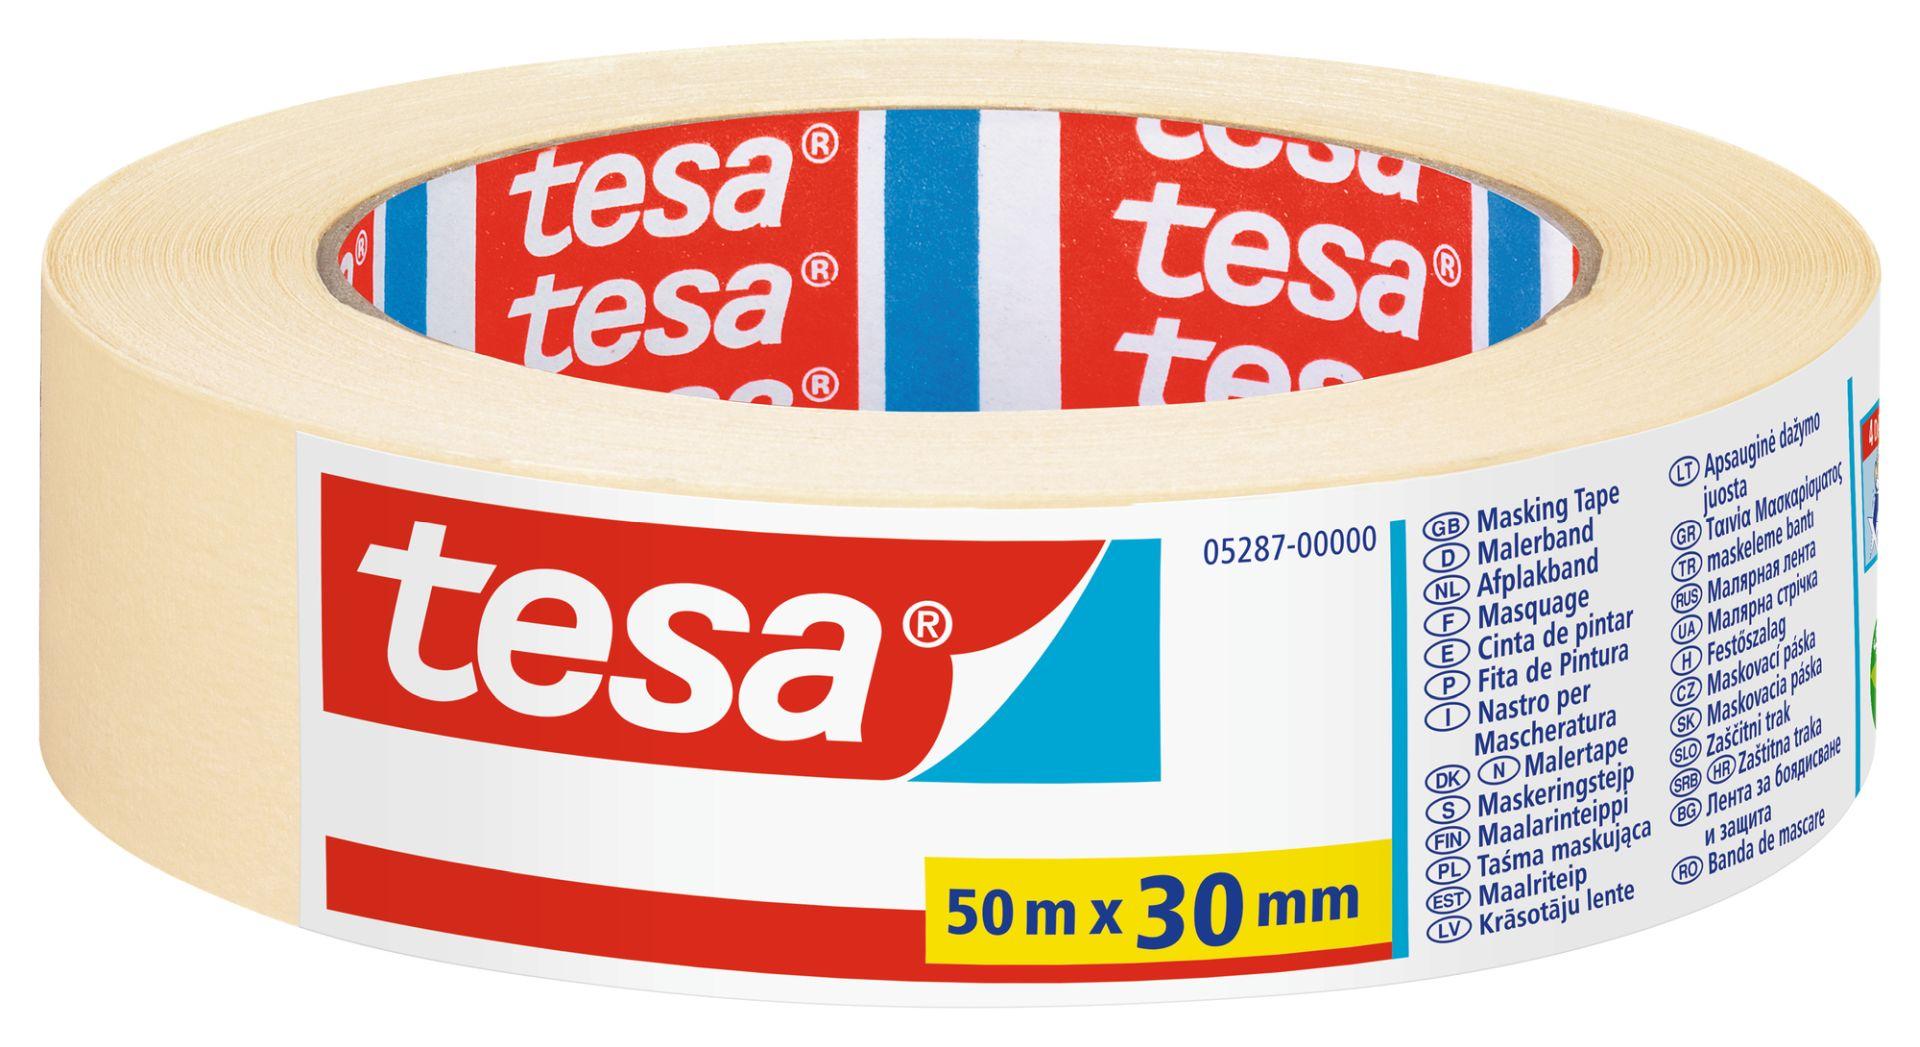 tesa UNIVERSAL, Malerband, Fixier- und Abdeckband, Kreppband, Papierabdeckband, 50 m x 30 mm